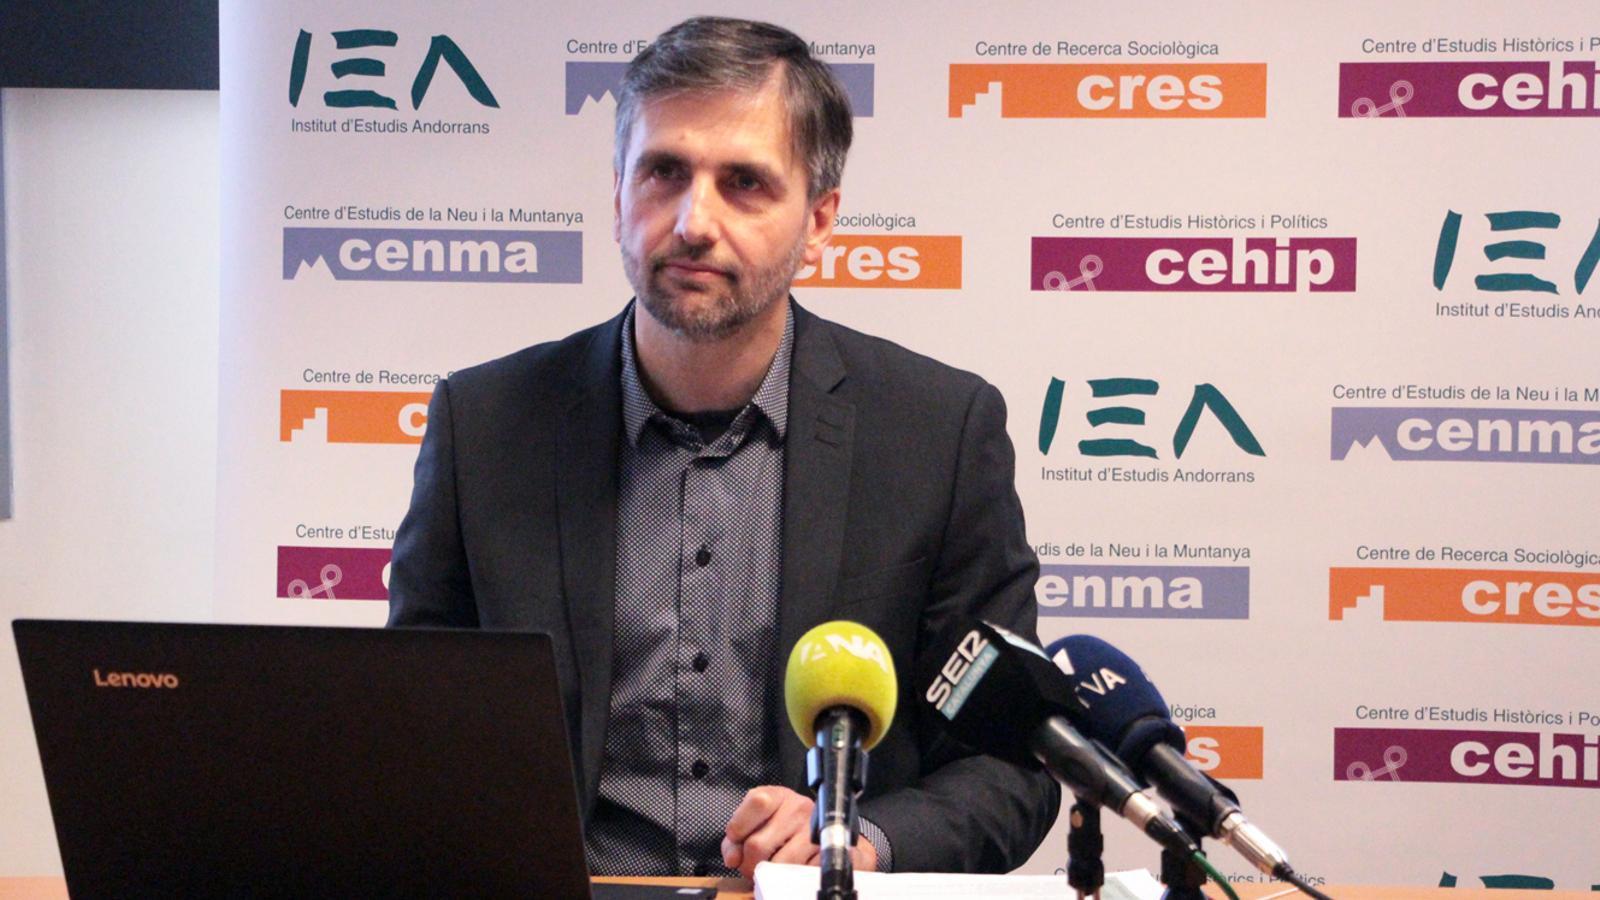 El director del CRES, Joan Micó, durant la presentació de l'Observatori del segon semestre del 2019. / M. P. (ANA)